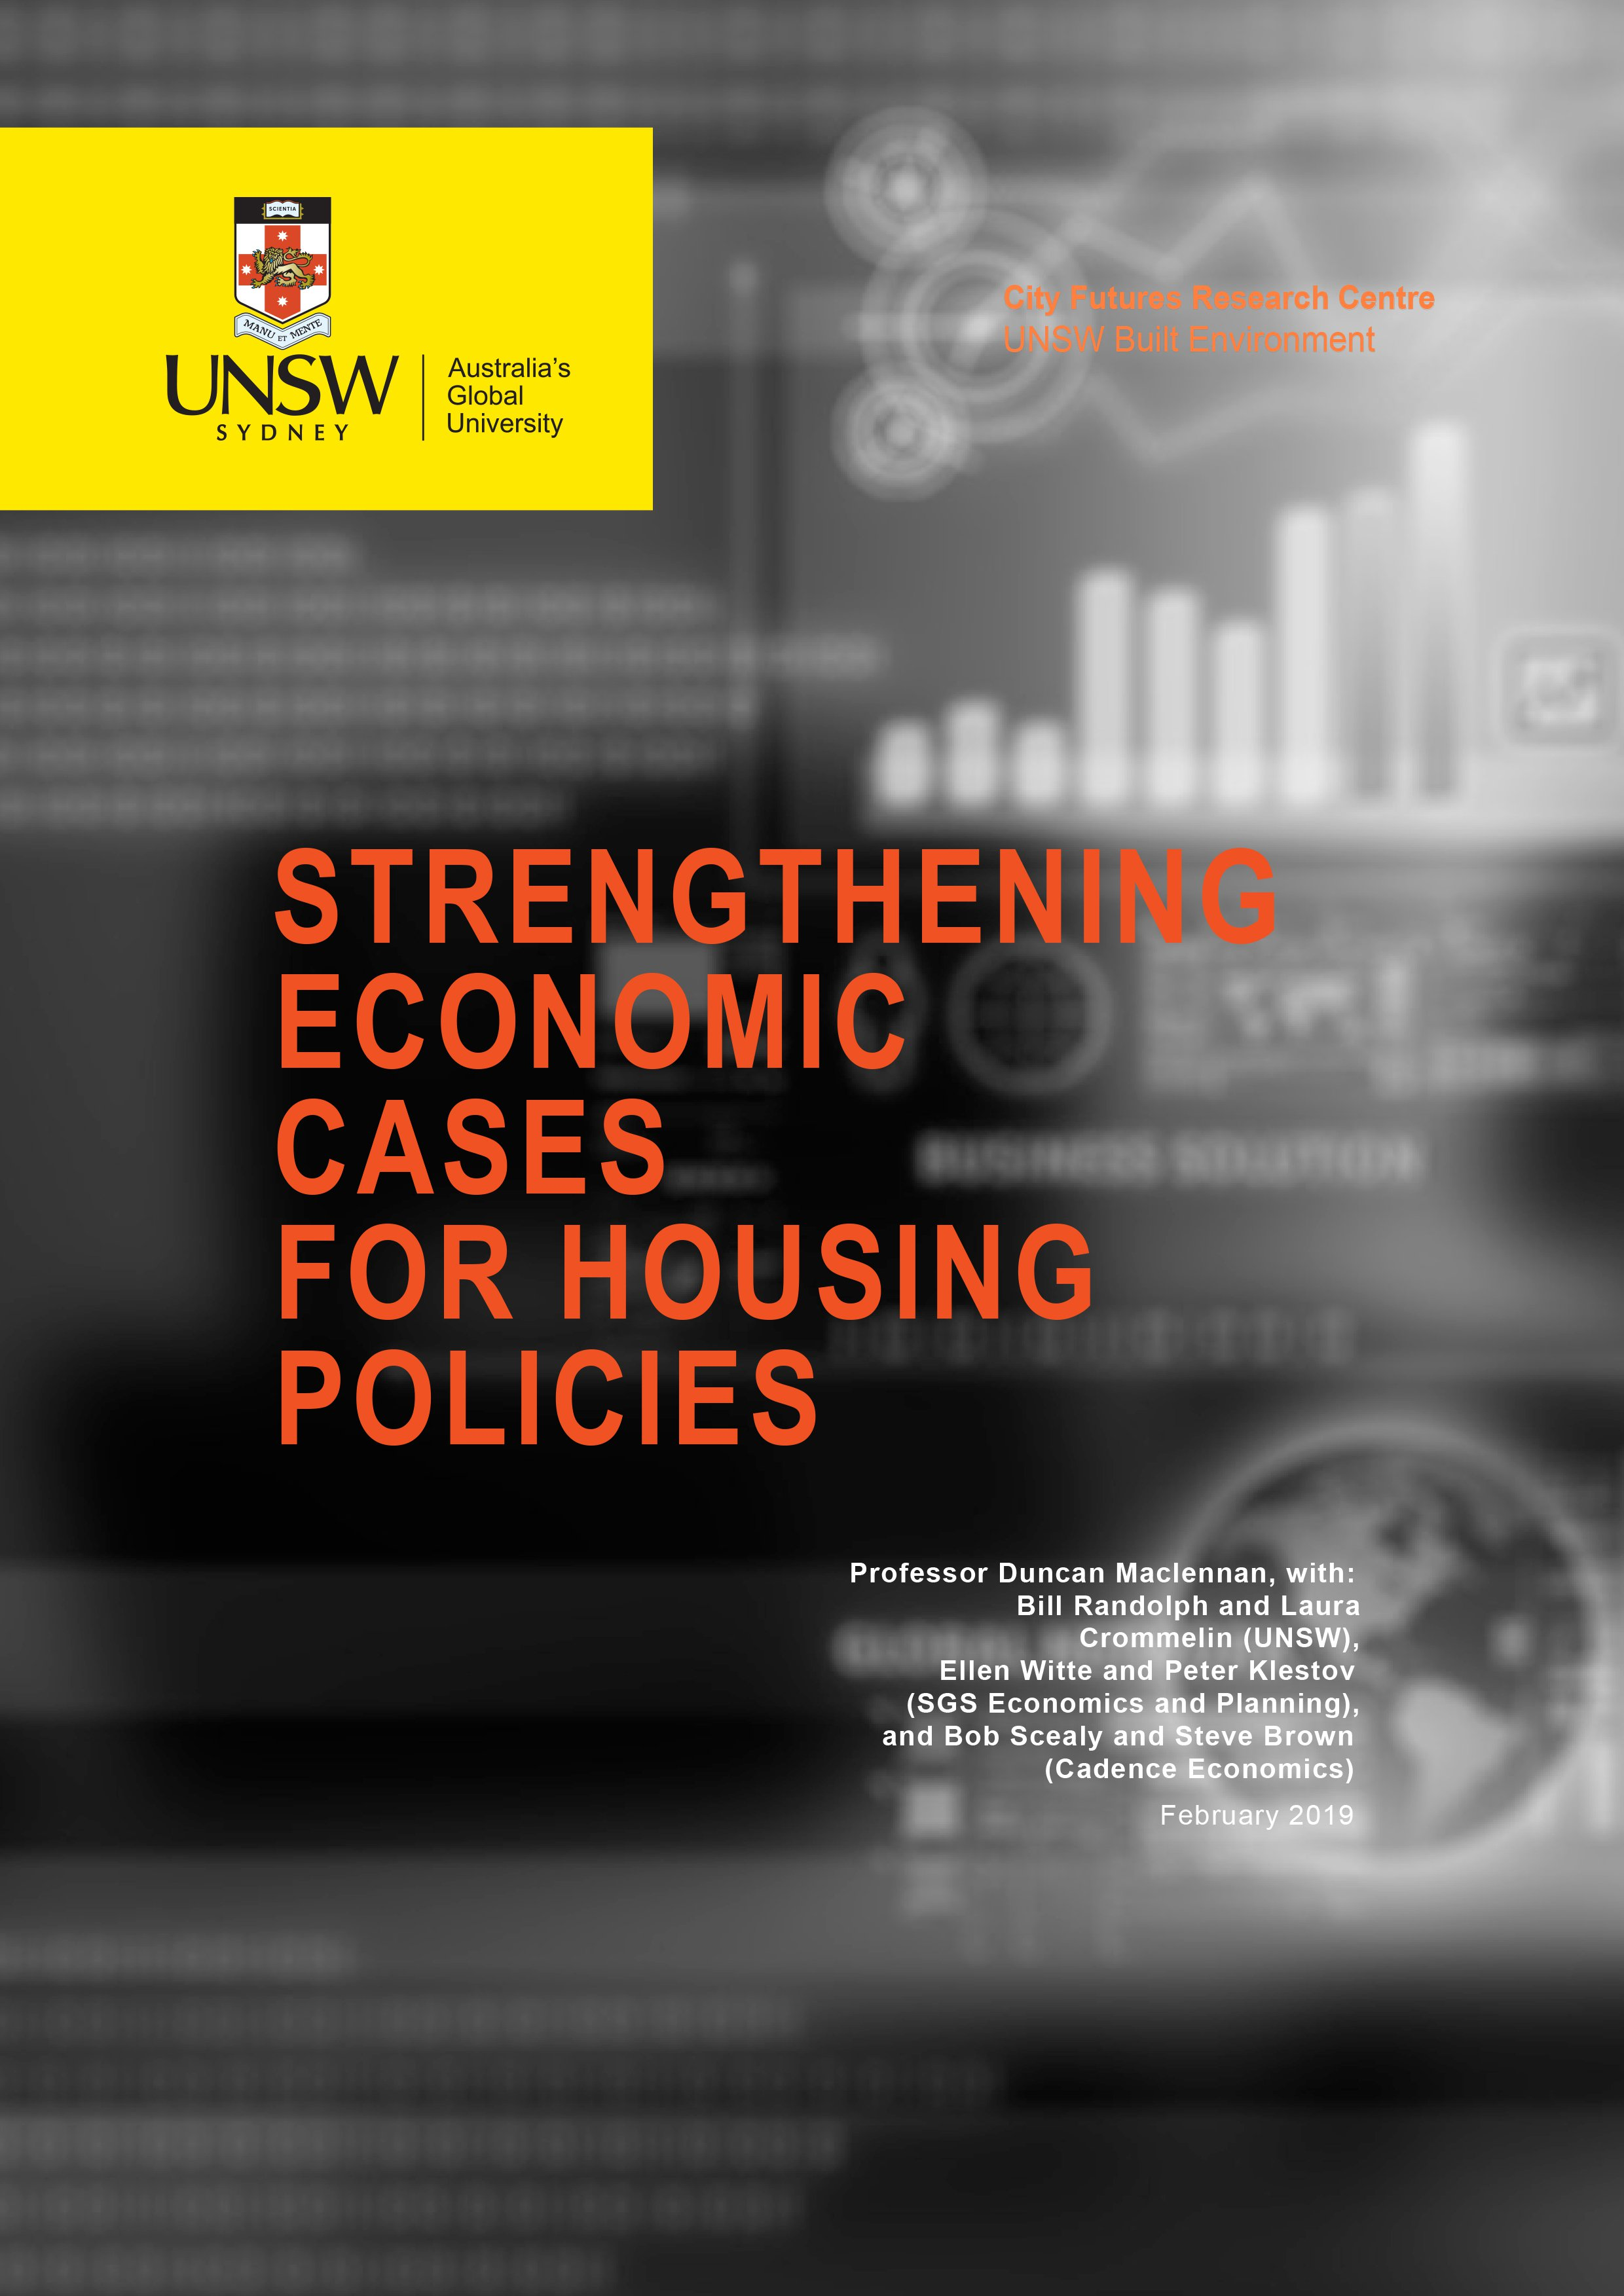 Strengthening Economic Cases for Housing, Feb 2019